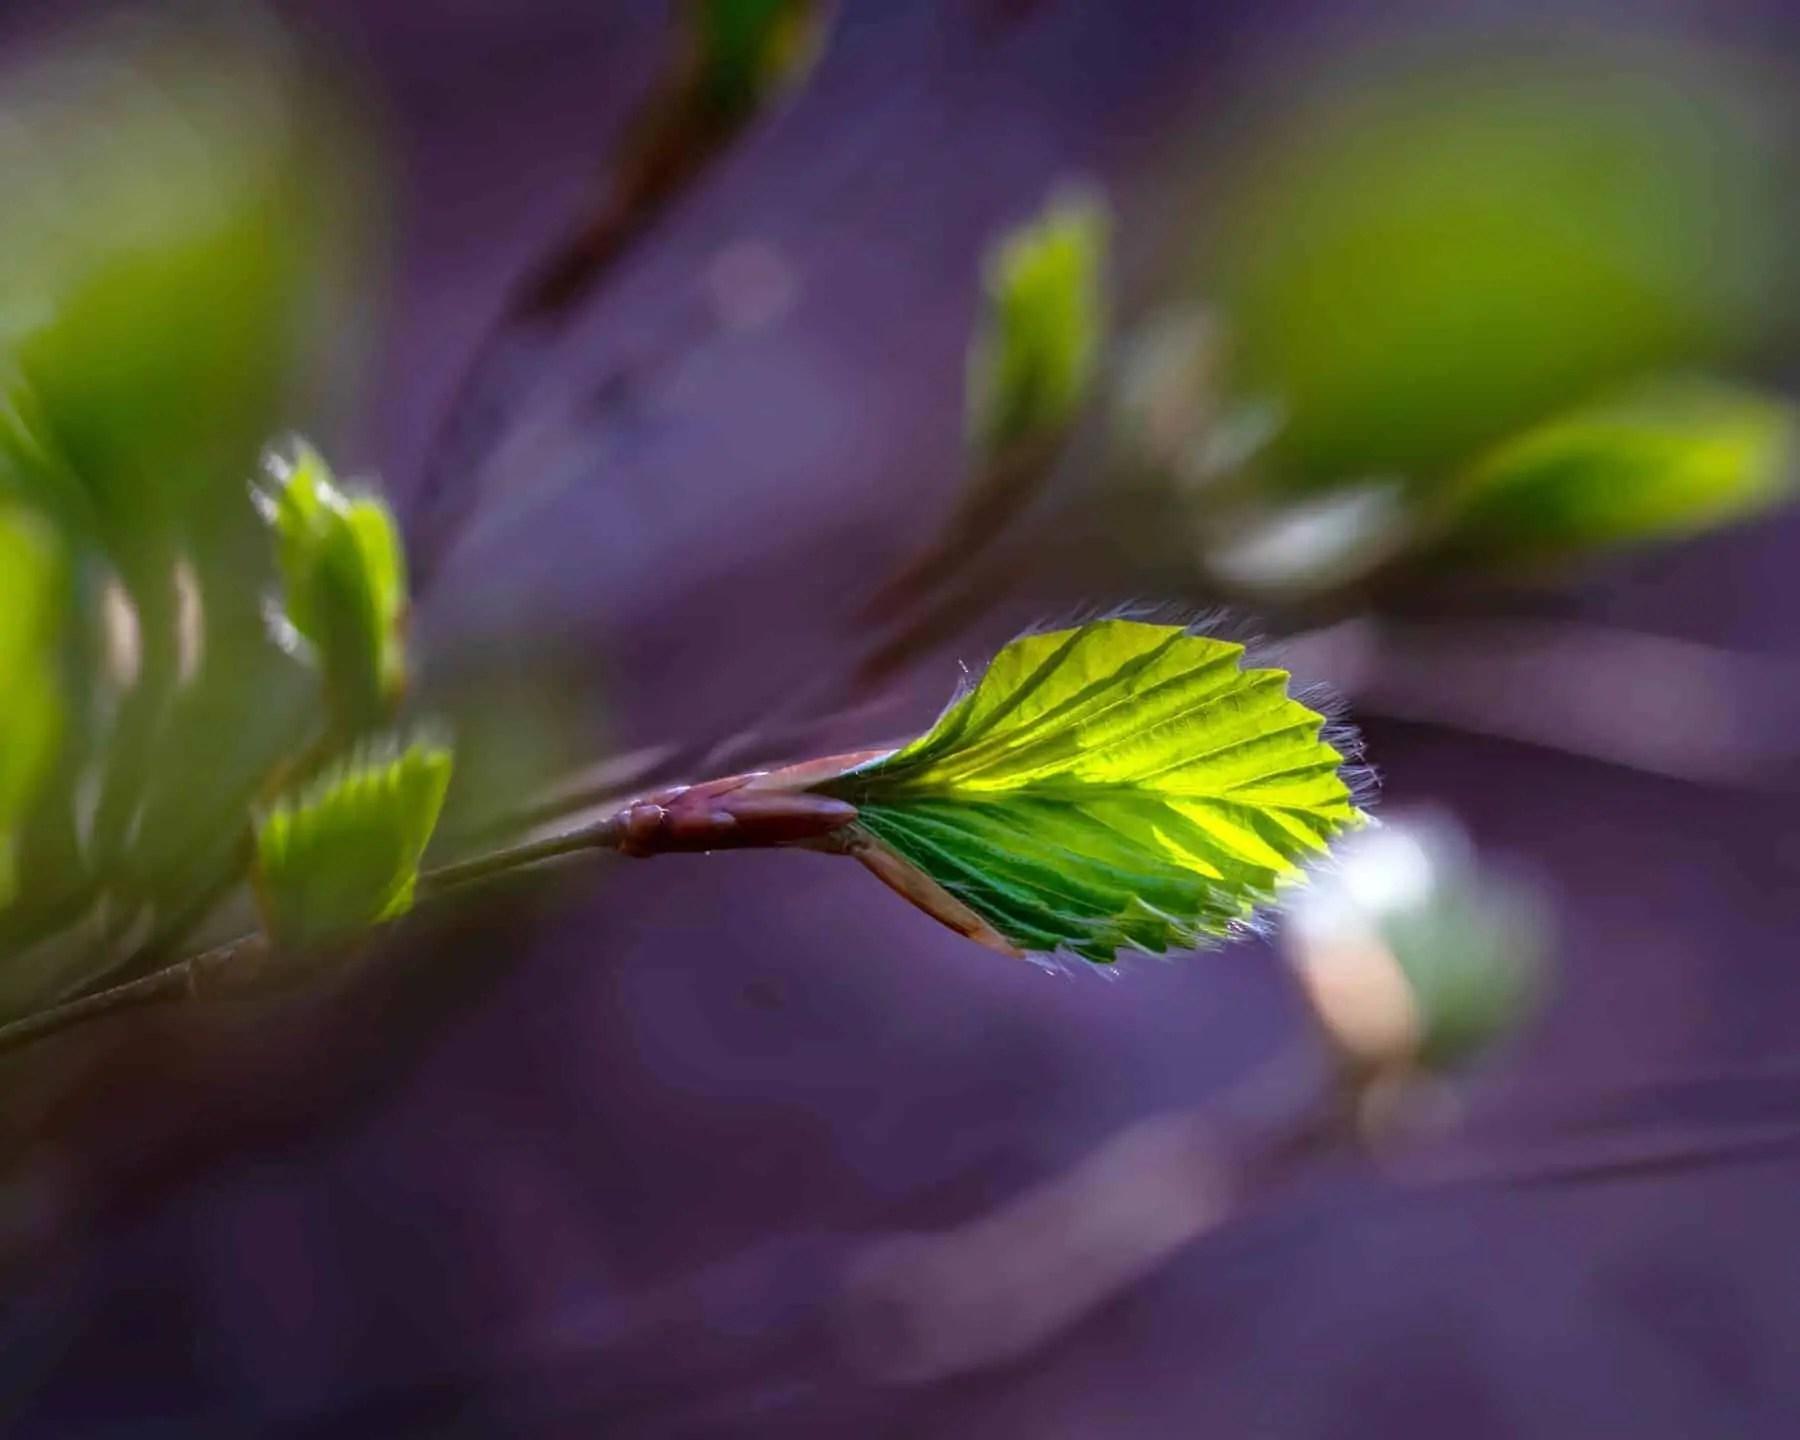 wiosenne młode liście makrofotografia natury - Zasady kompozycji - przewodnik po 20 regułach